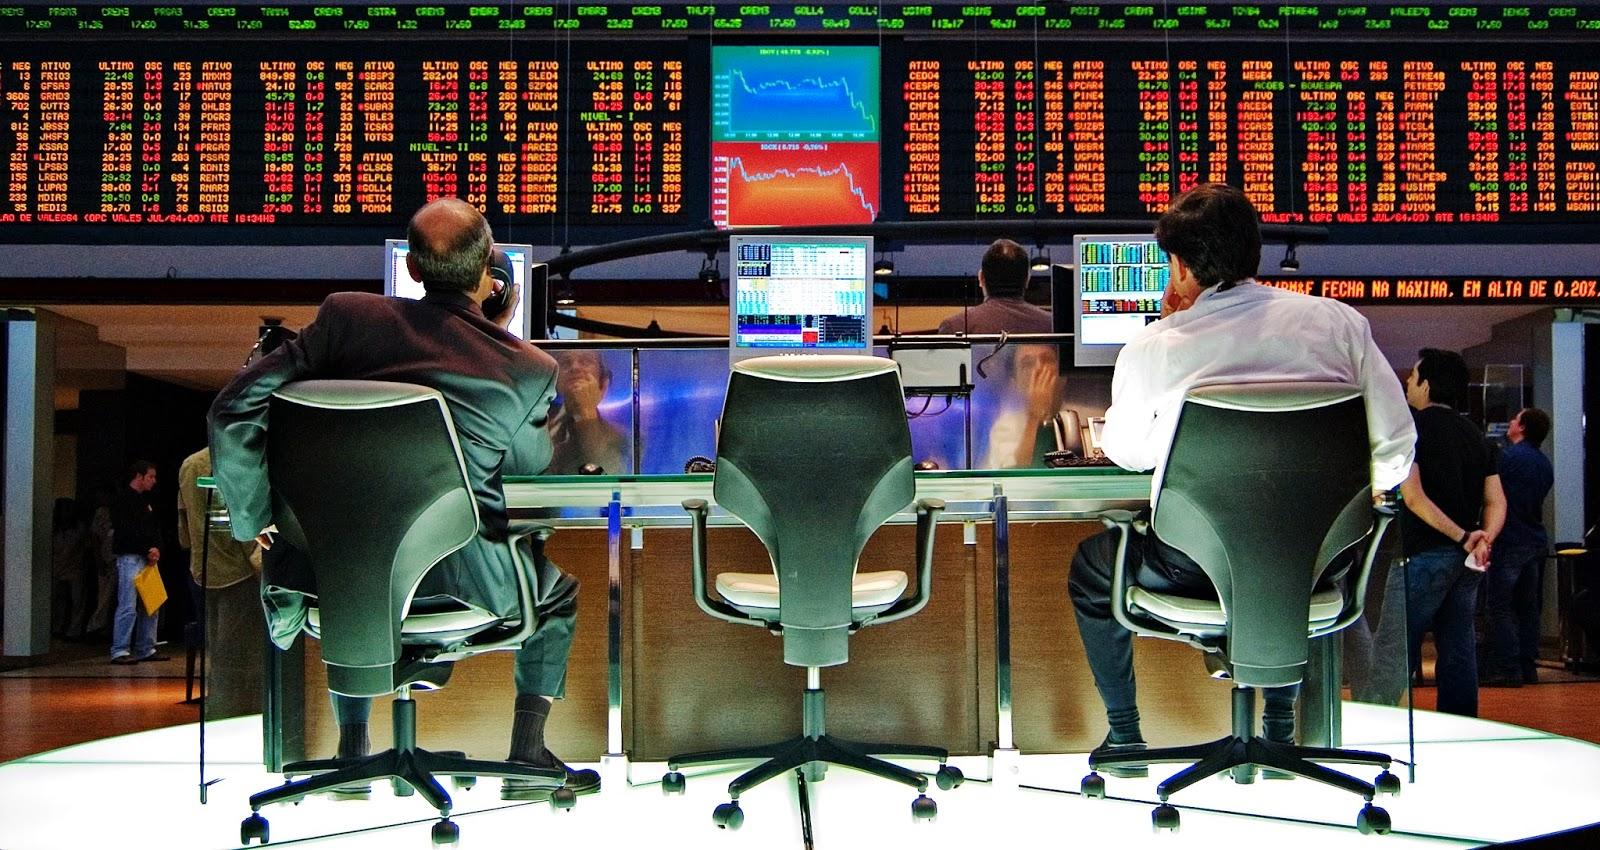 Investimentos Inteligentes - Comprando Ações e Câmbio